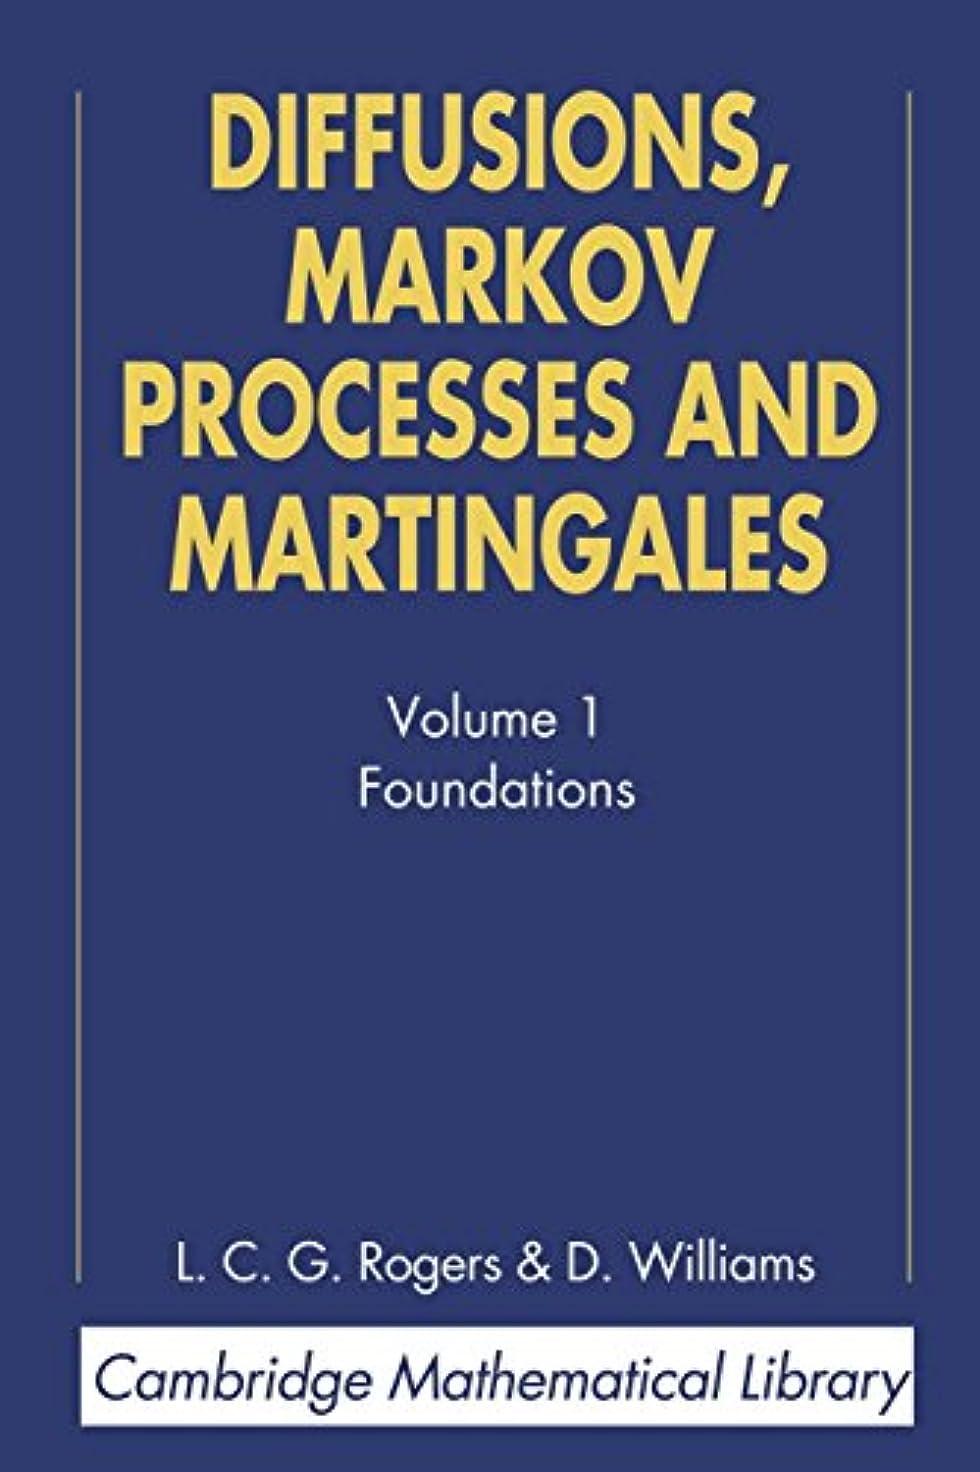 タンカー浮浪者内なるDiffusions, Markov Processes, and Martingales (Cambridge Mathematical Library)